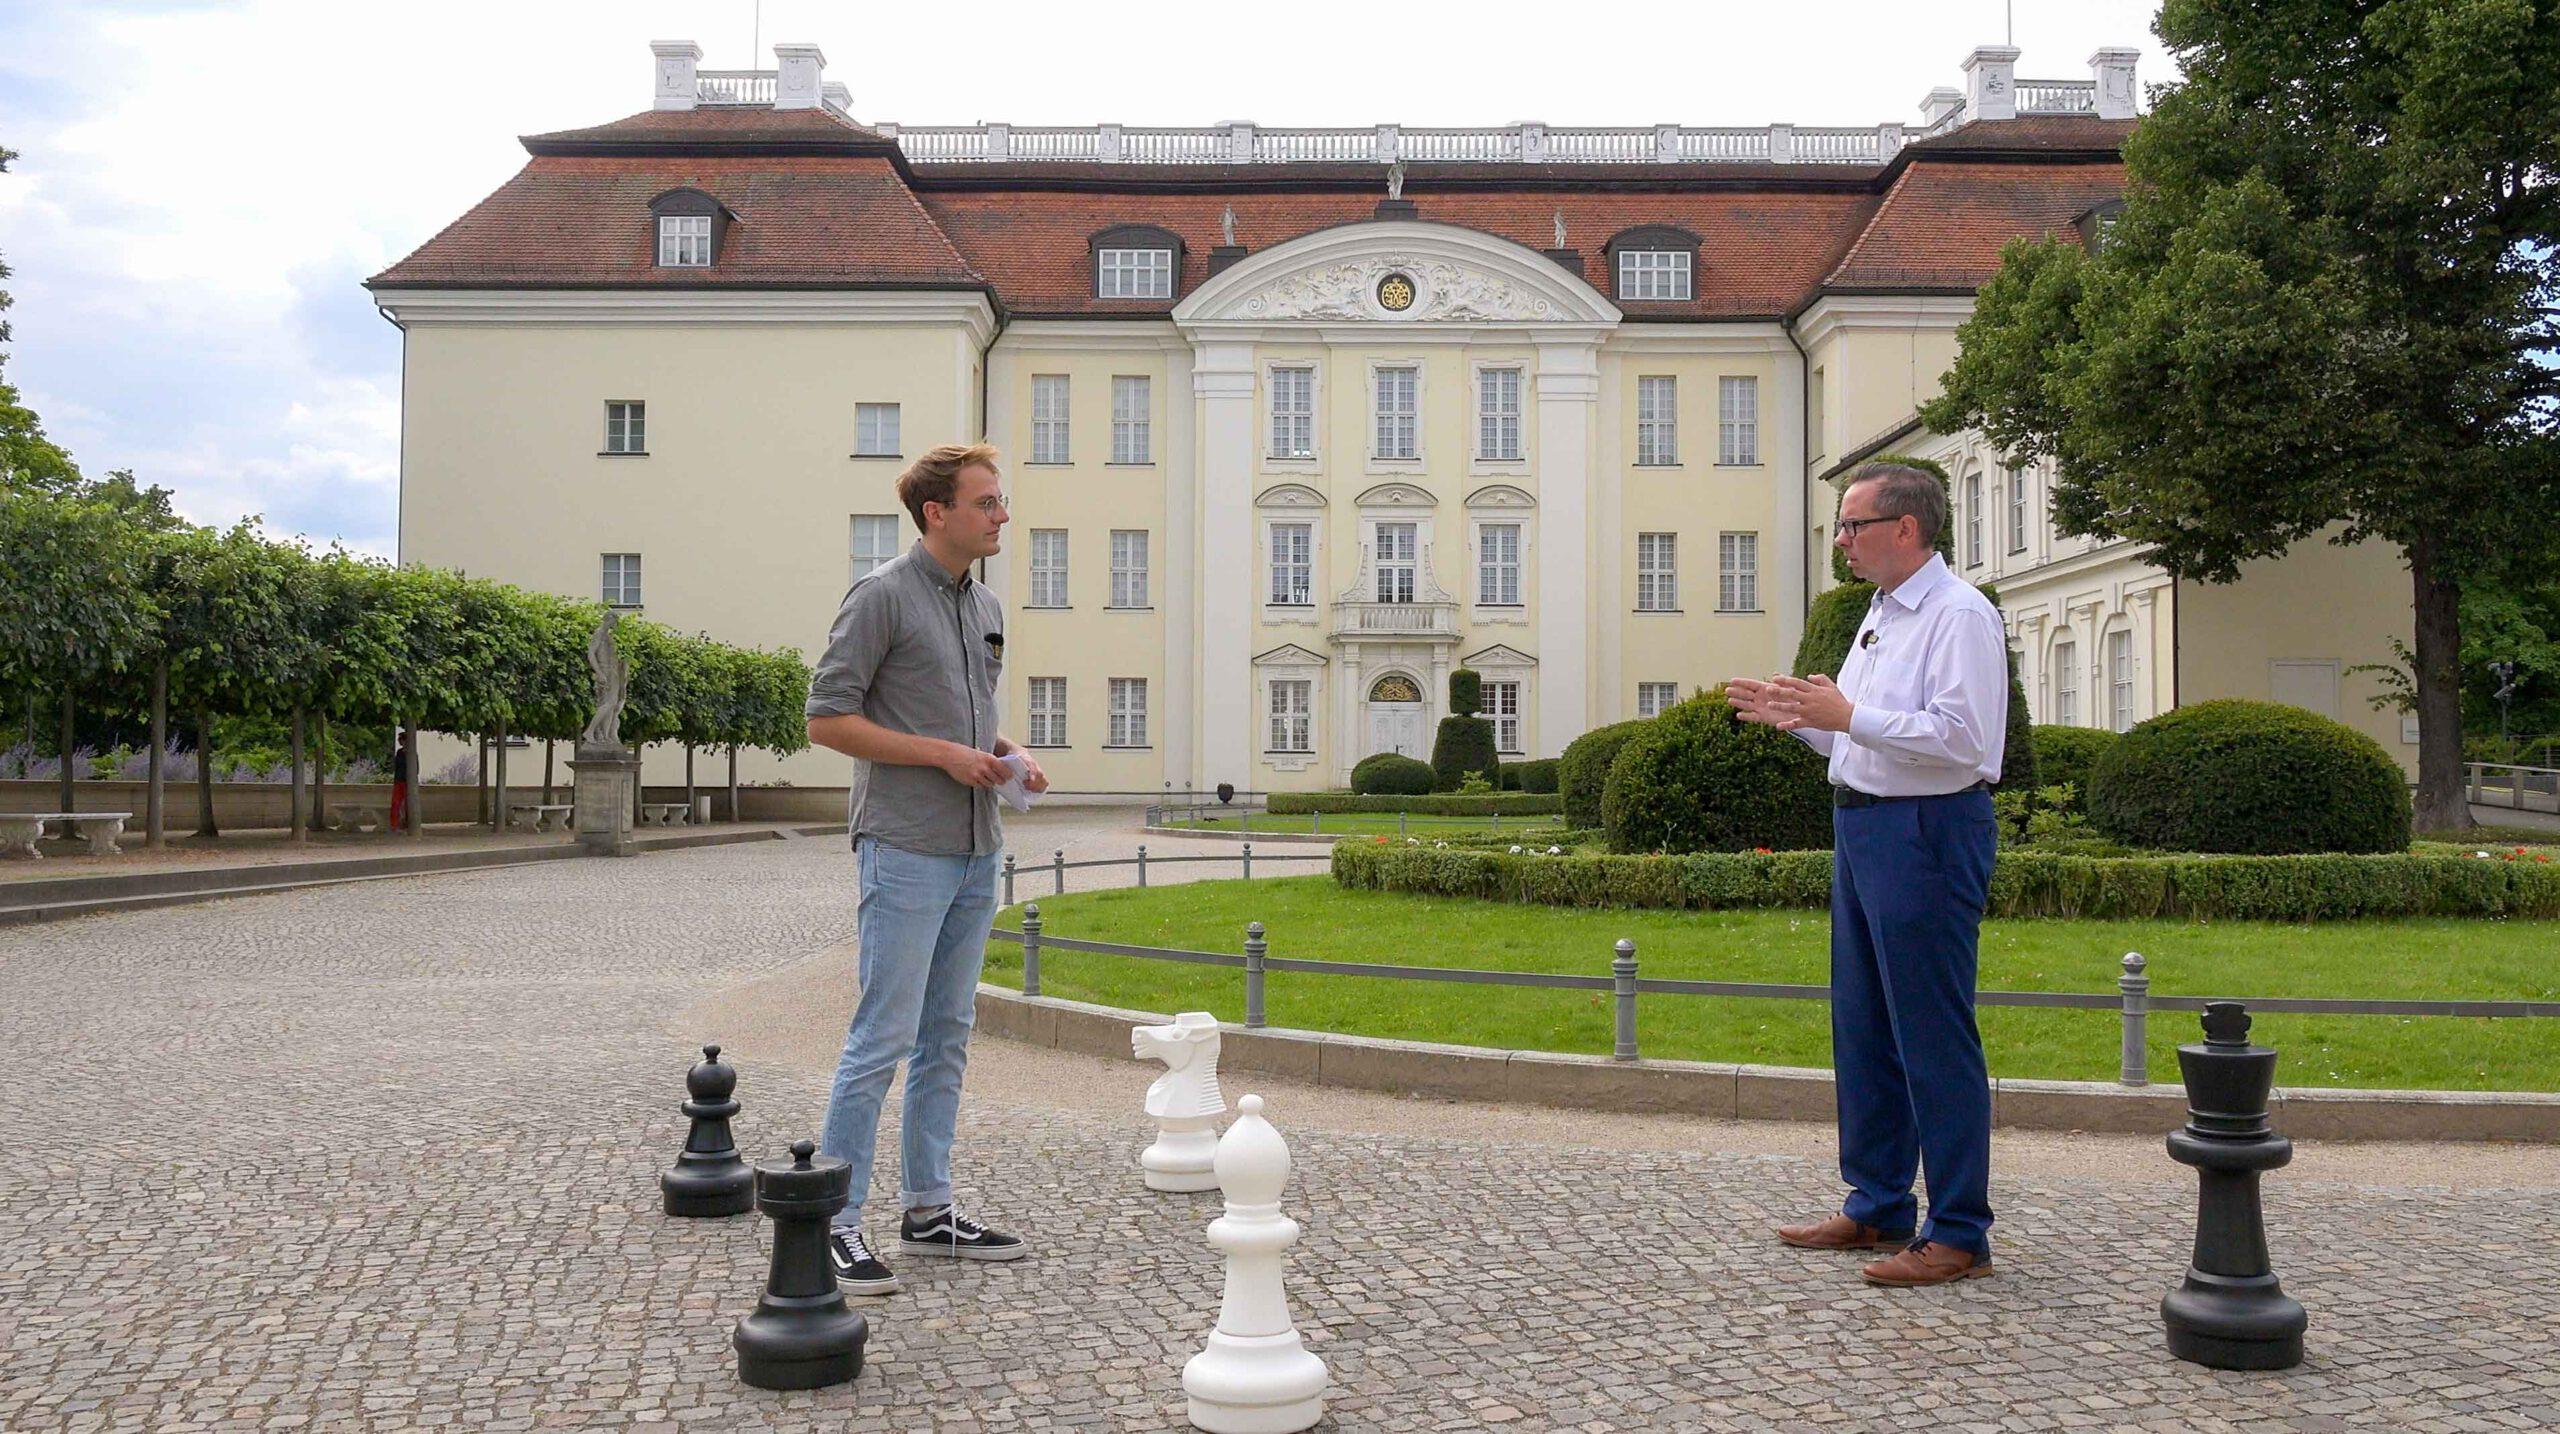 Bezirksbürgermeister Oliver Igel (SPD) im Lost in Südost-Interview vor dem Schloss Köpenick